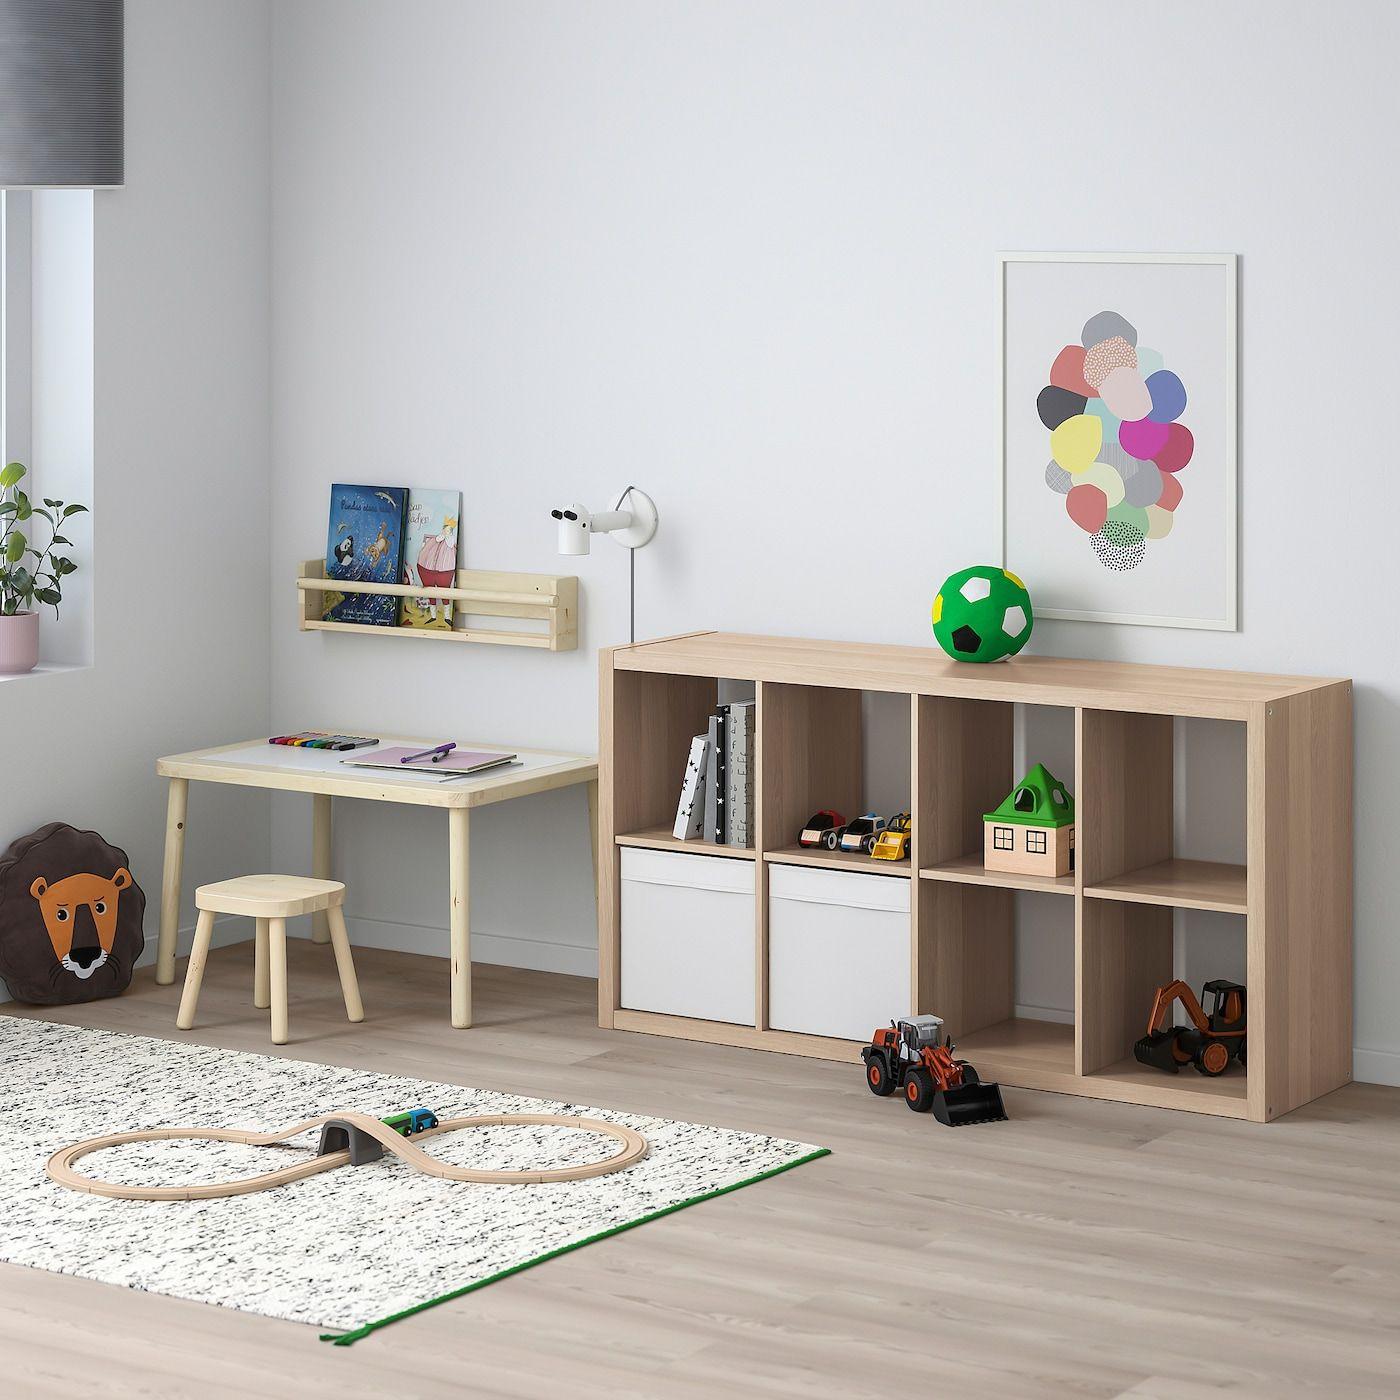 KALLAX Regal Eicheneff wlas IKEA Österreich in 2020